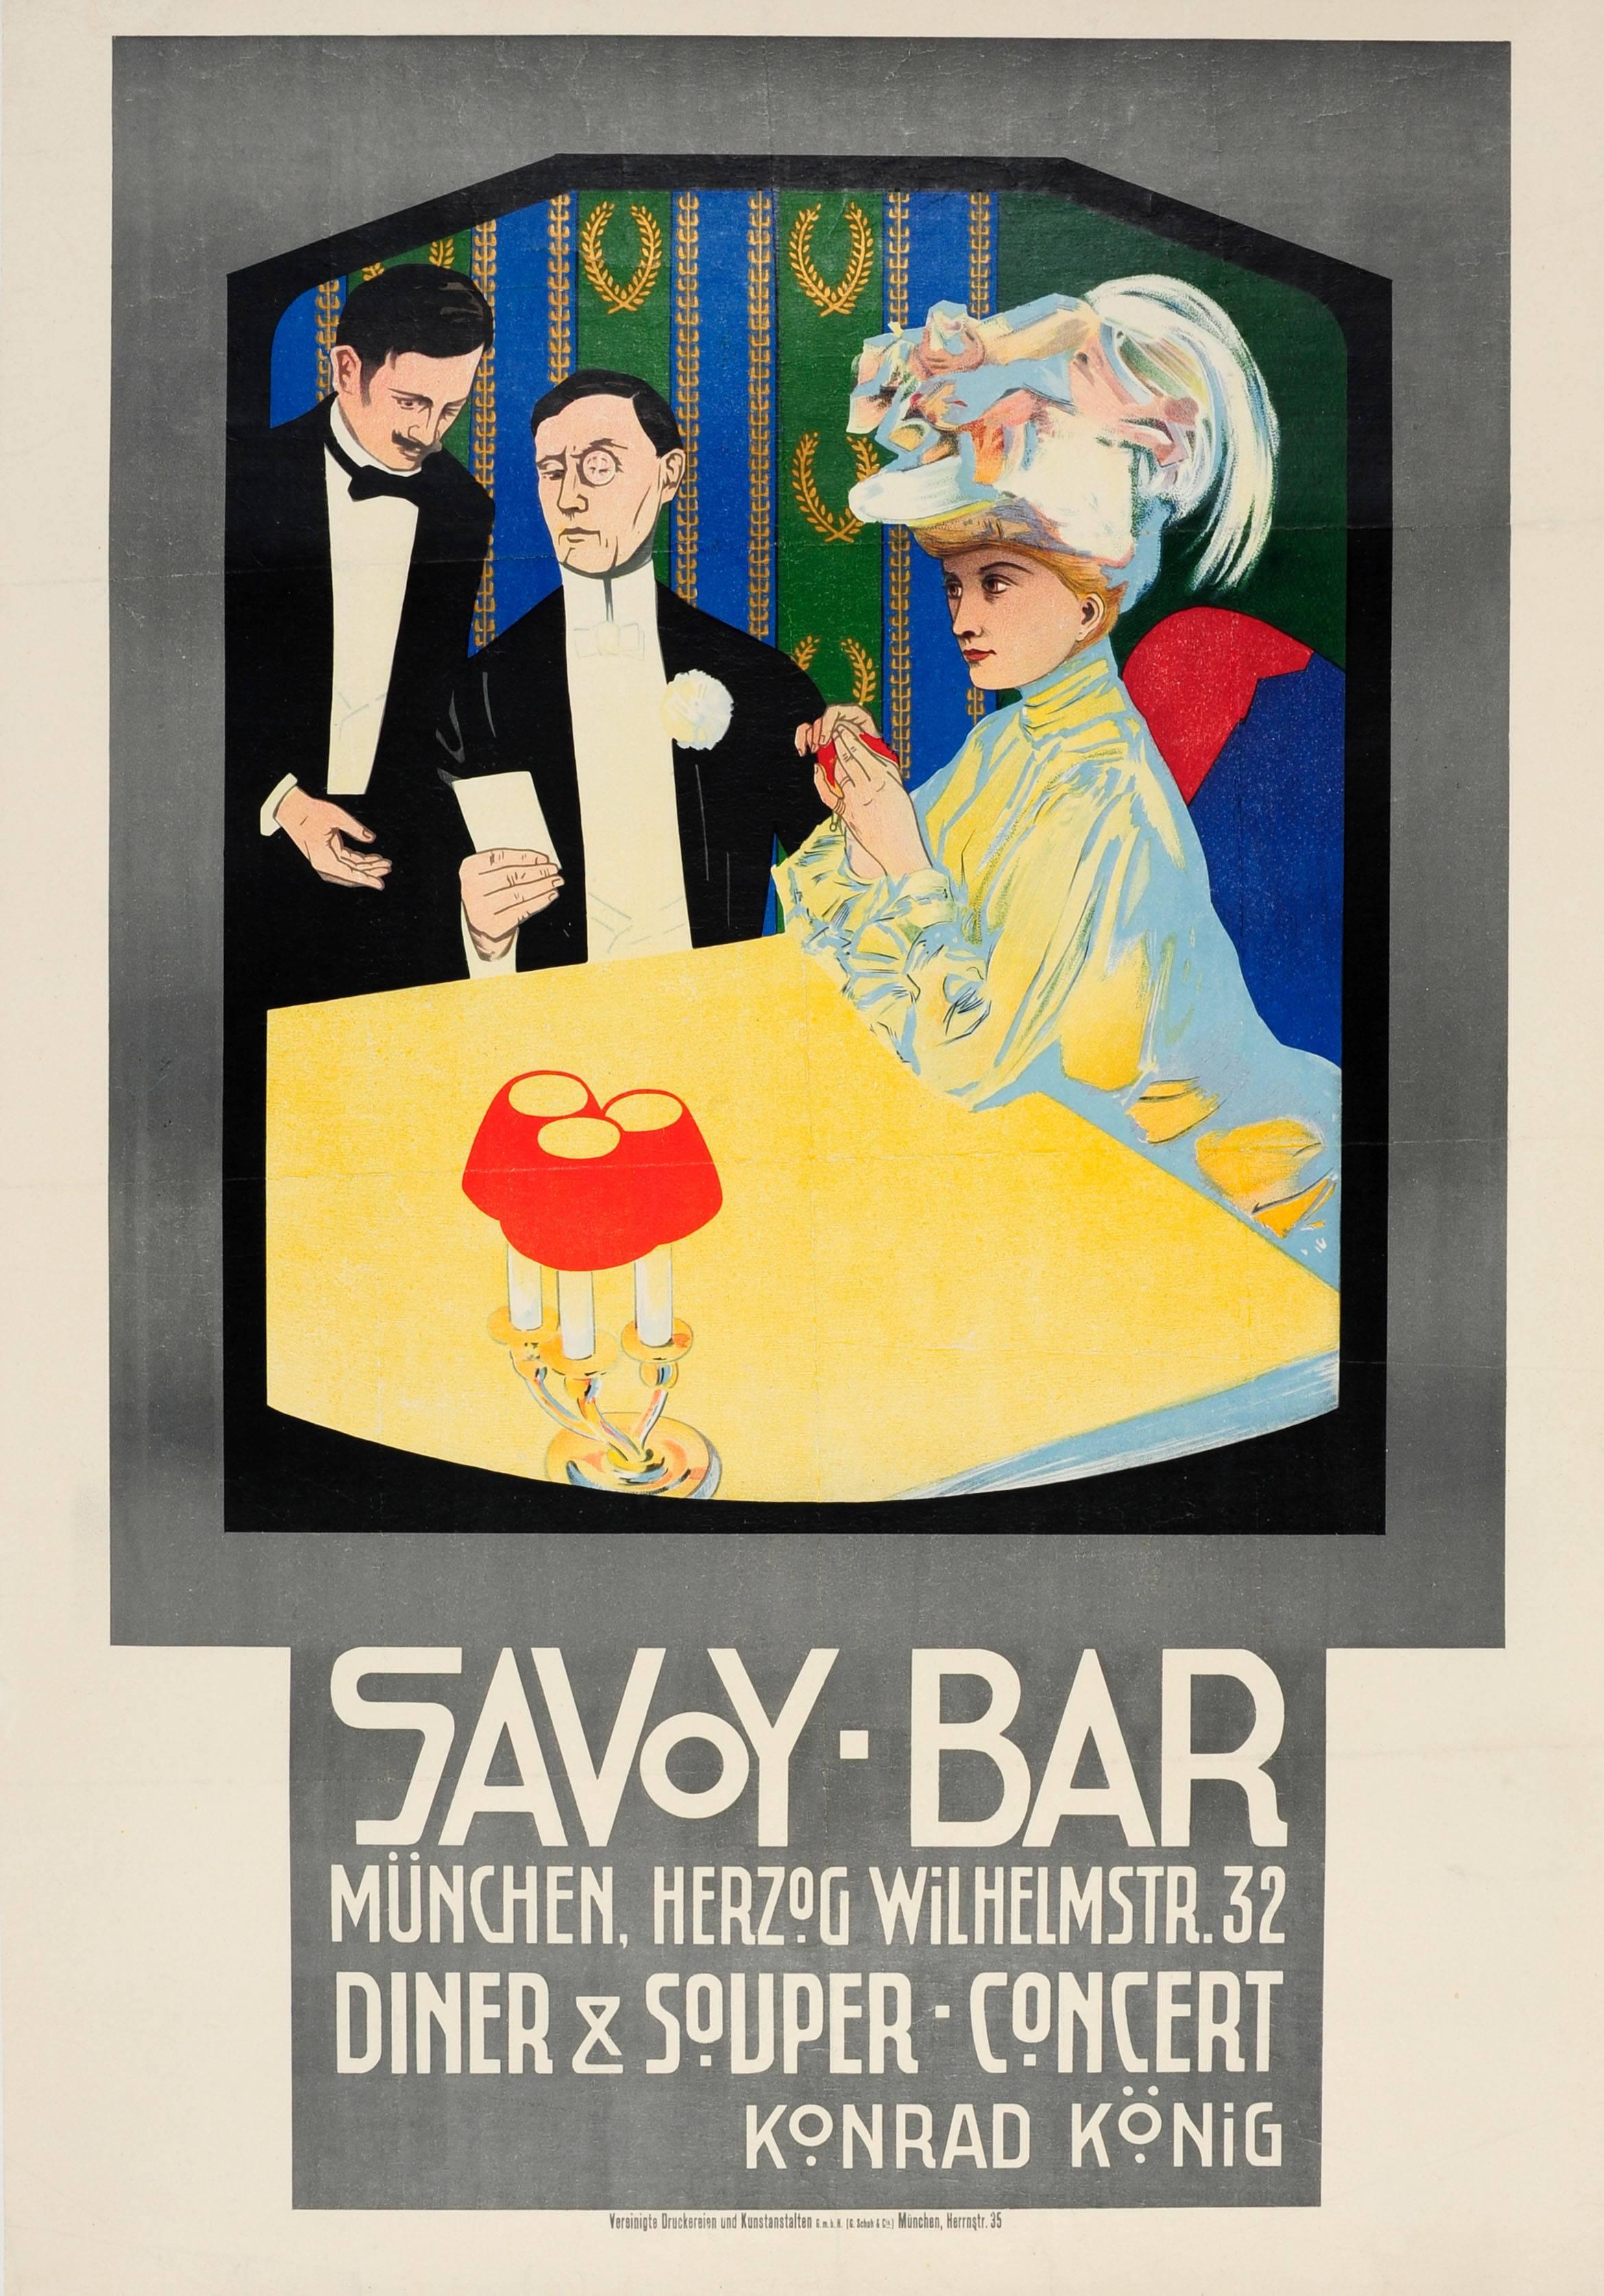 Original Antique Poster For A Dinner Concert At The Savoy Bar Munchen / Munich